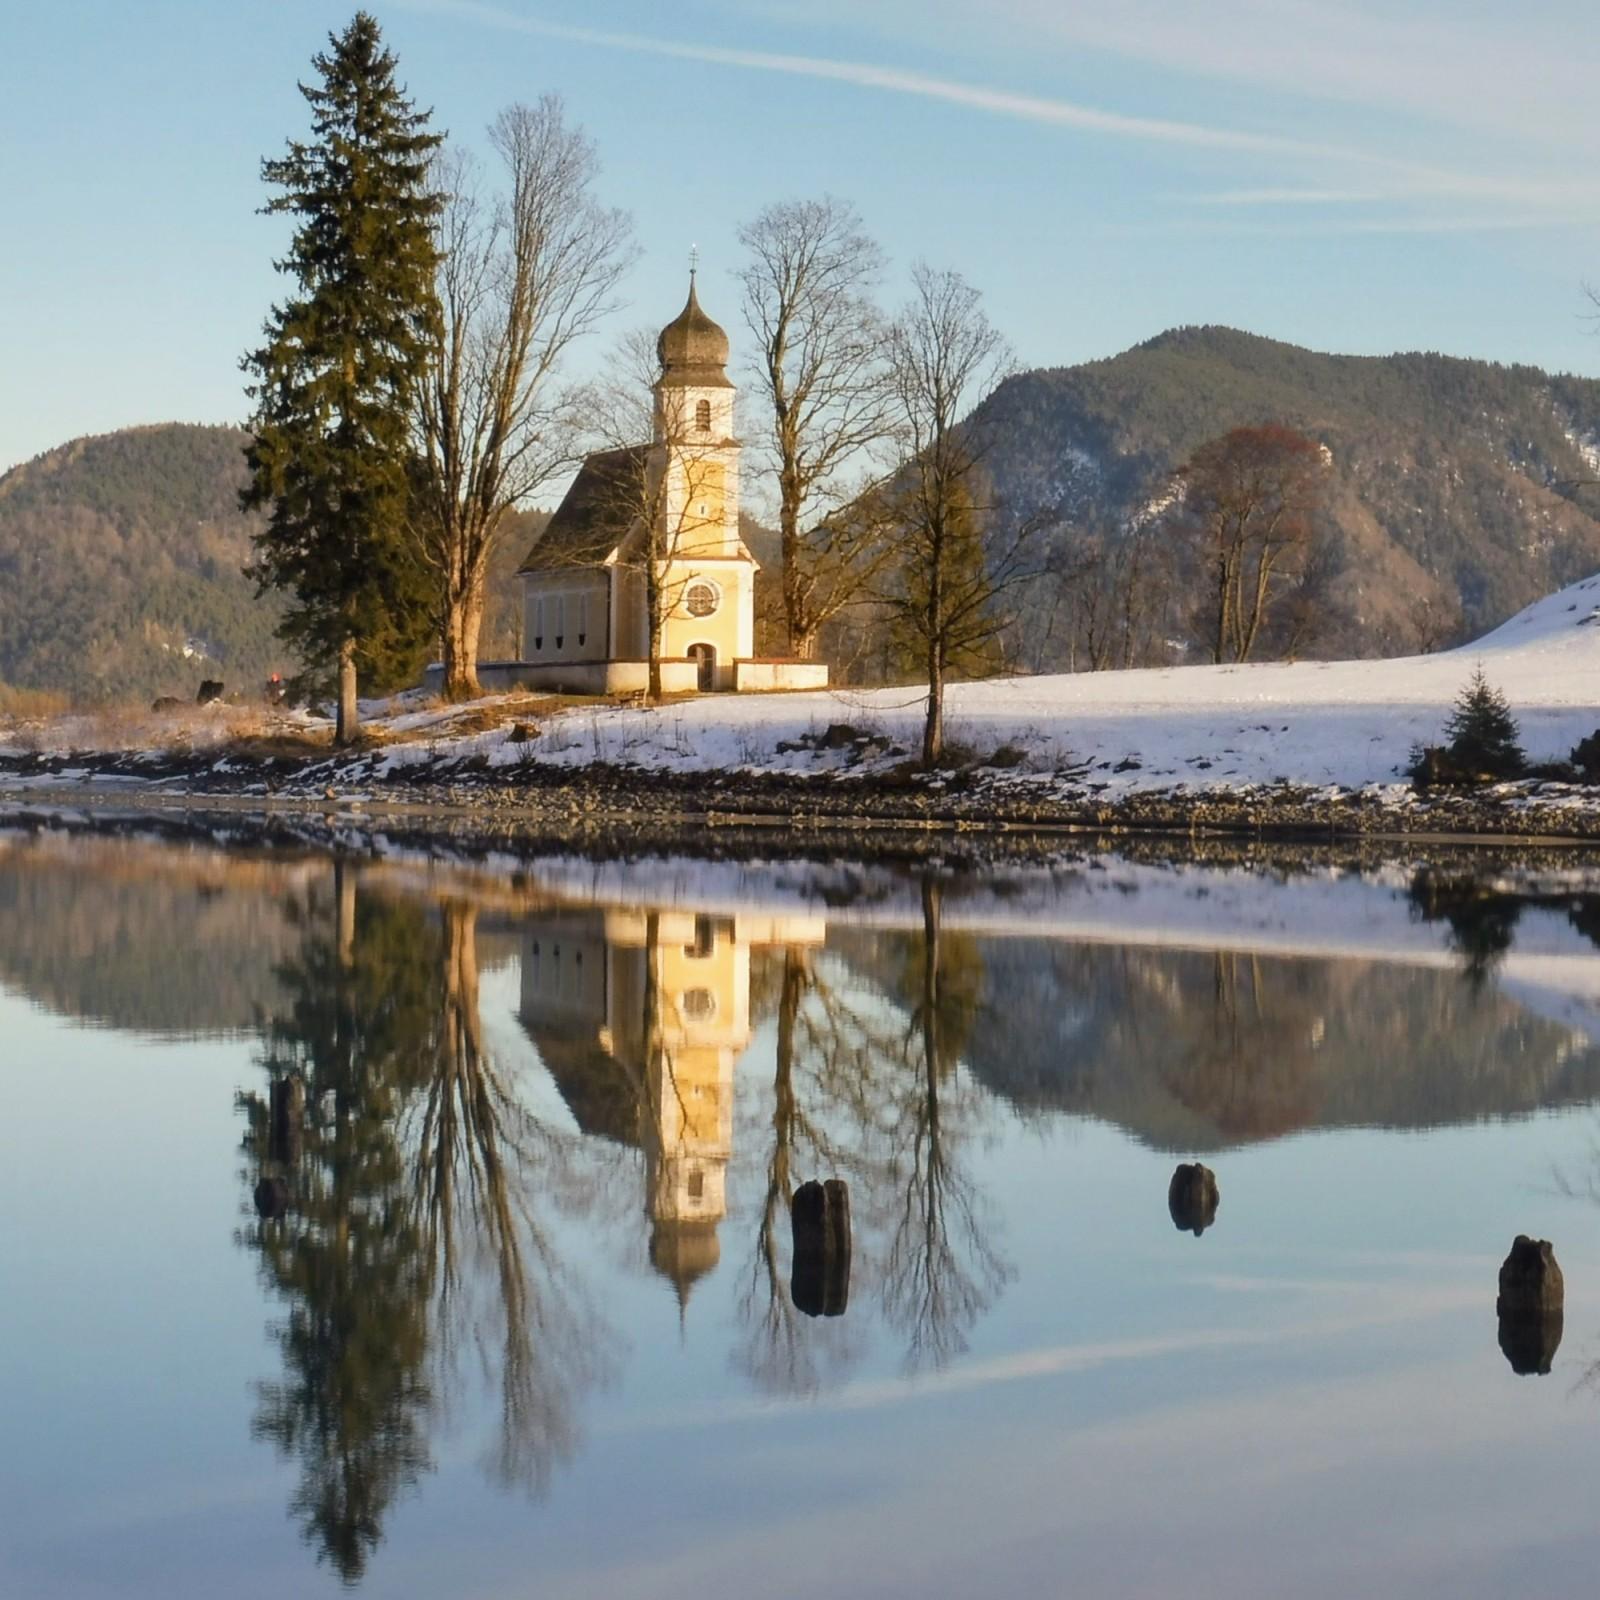 Margerethenkirche auf Zwergern am Walchensee